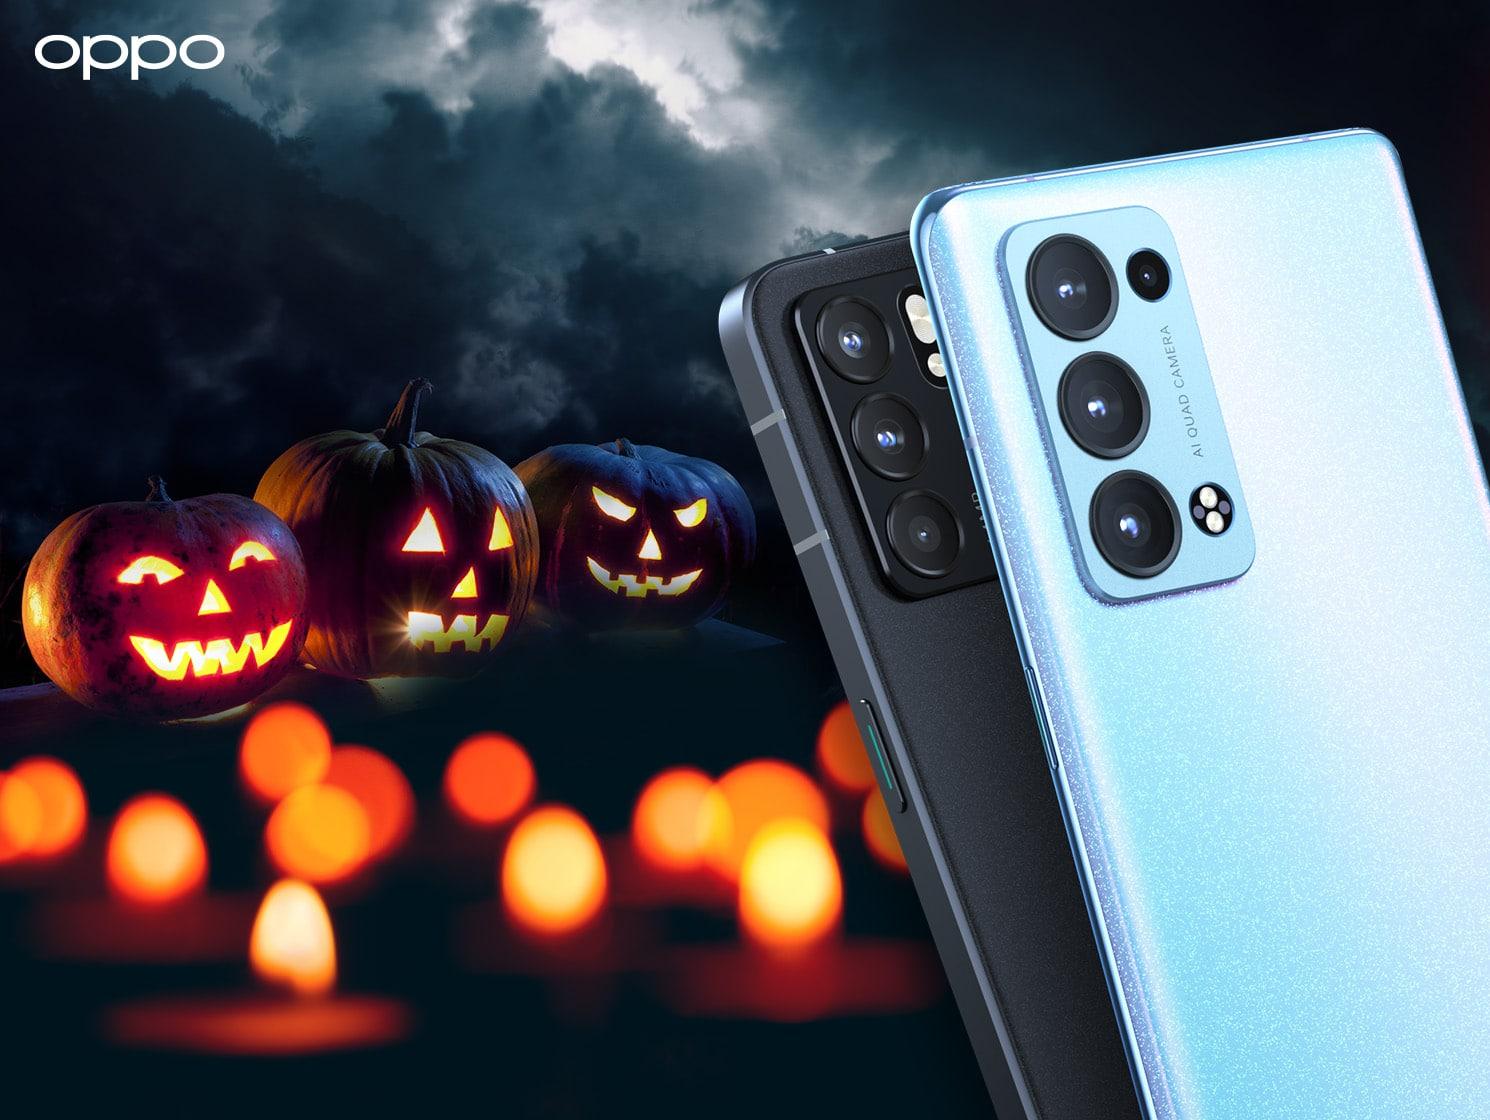 Una notte di Halloween terrificante con la OPPO RENO6 SERIES thumbnail